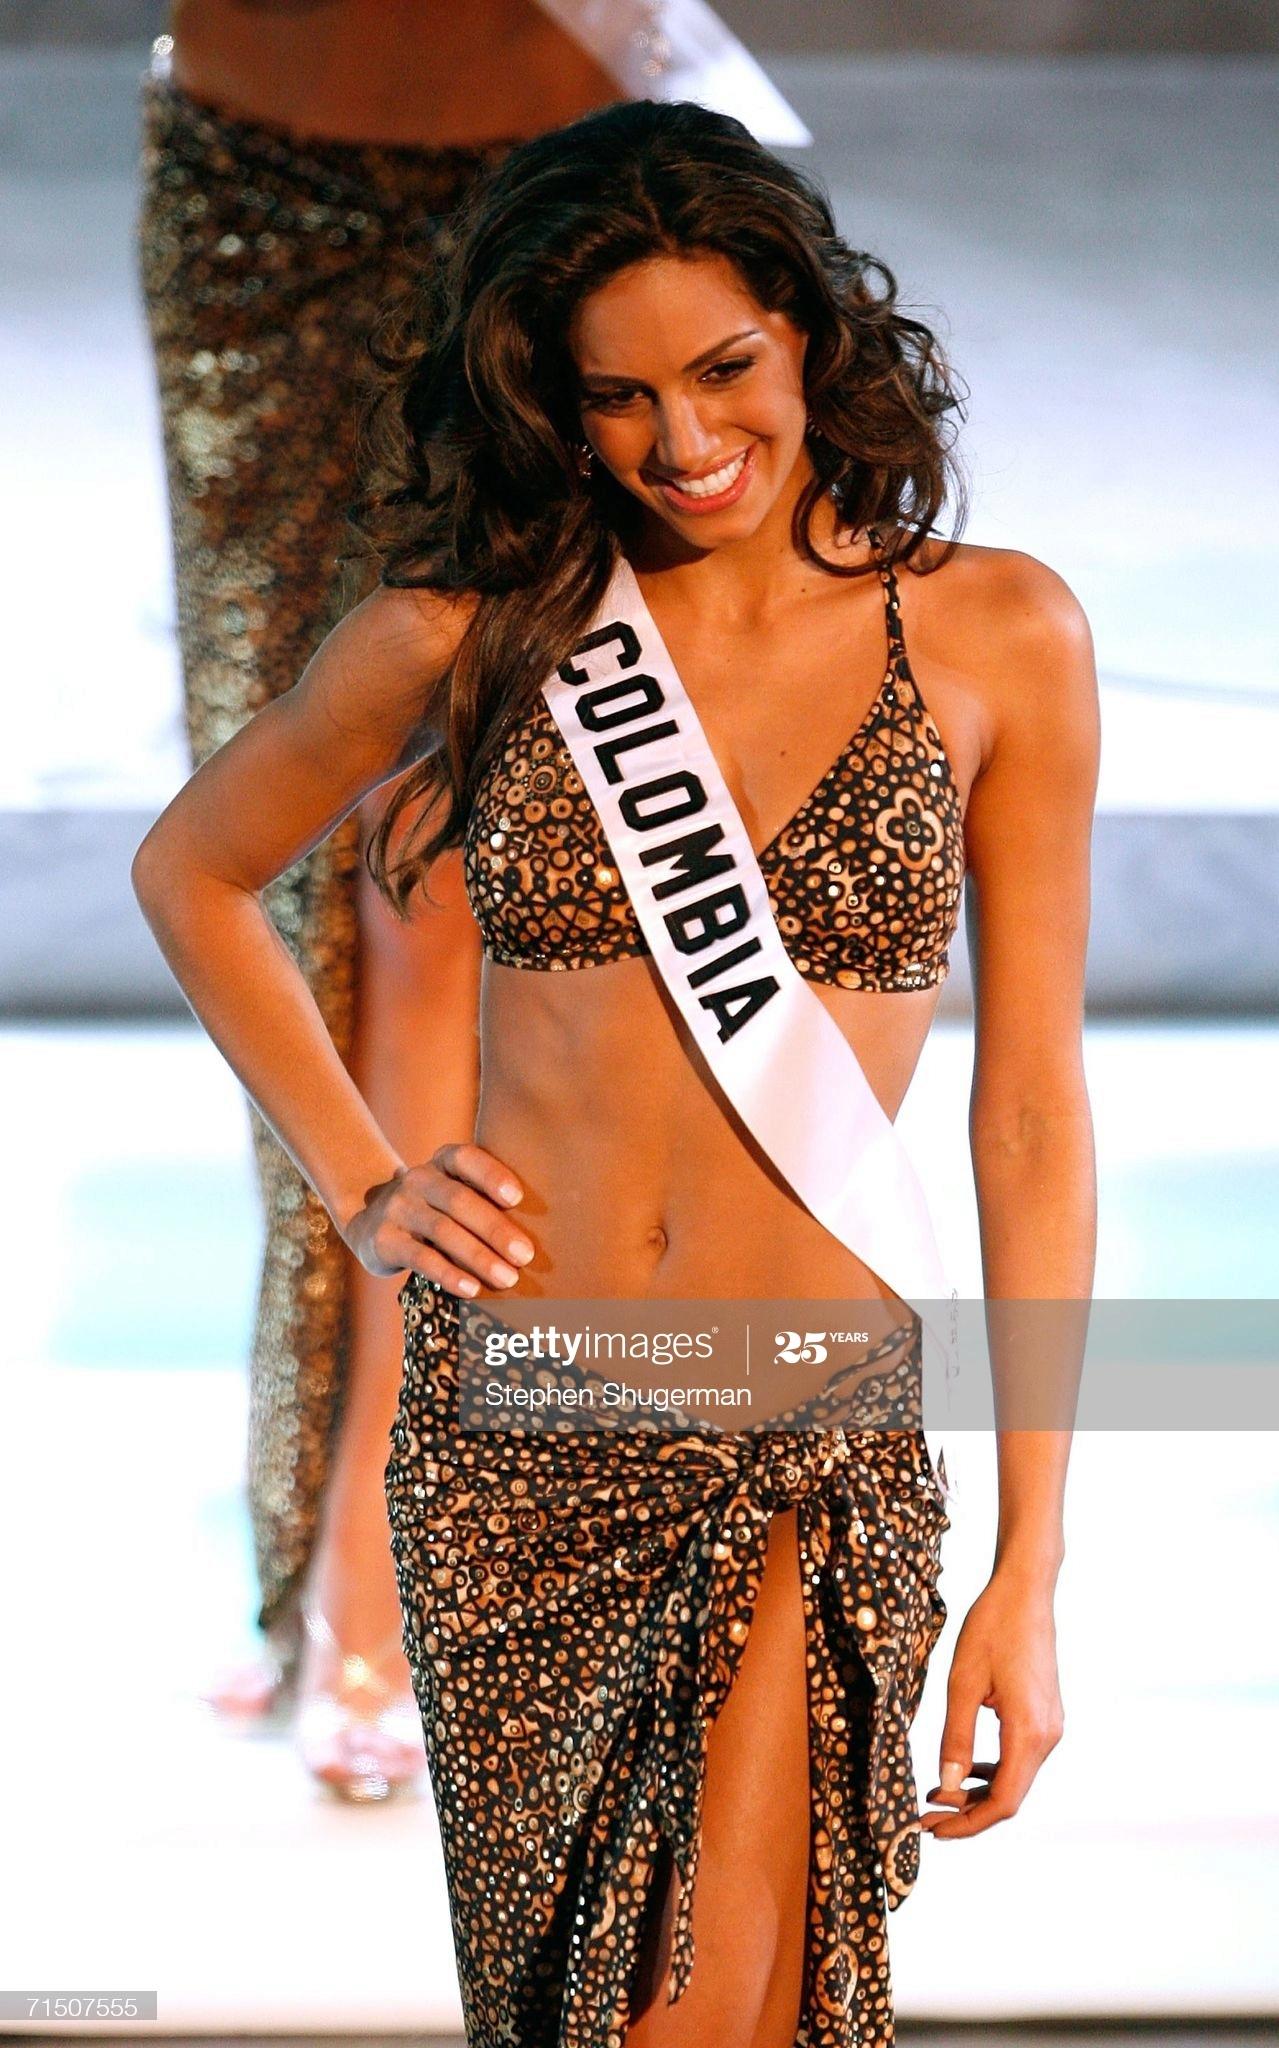 valerie dominguez, top 10 de miss universe 2006. - Página 2 Miss-c20